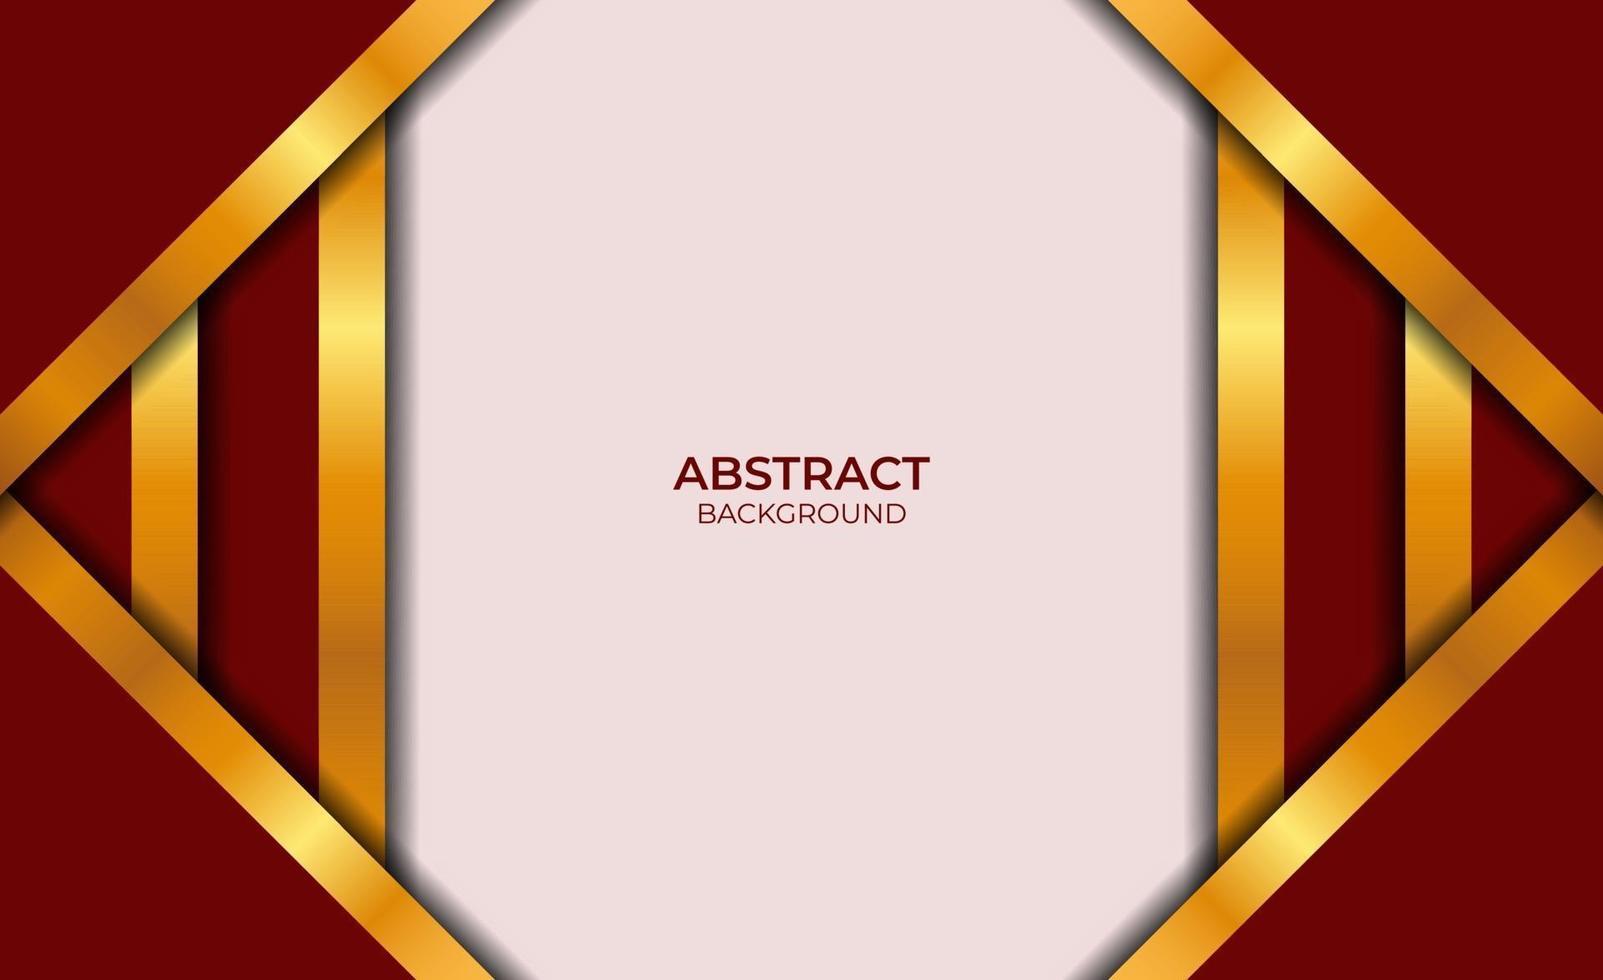 fond abstrait design rouge et or vecteur